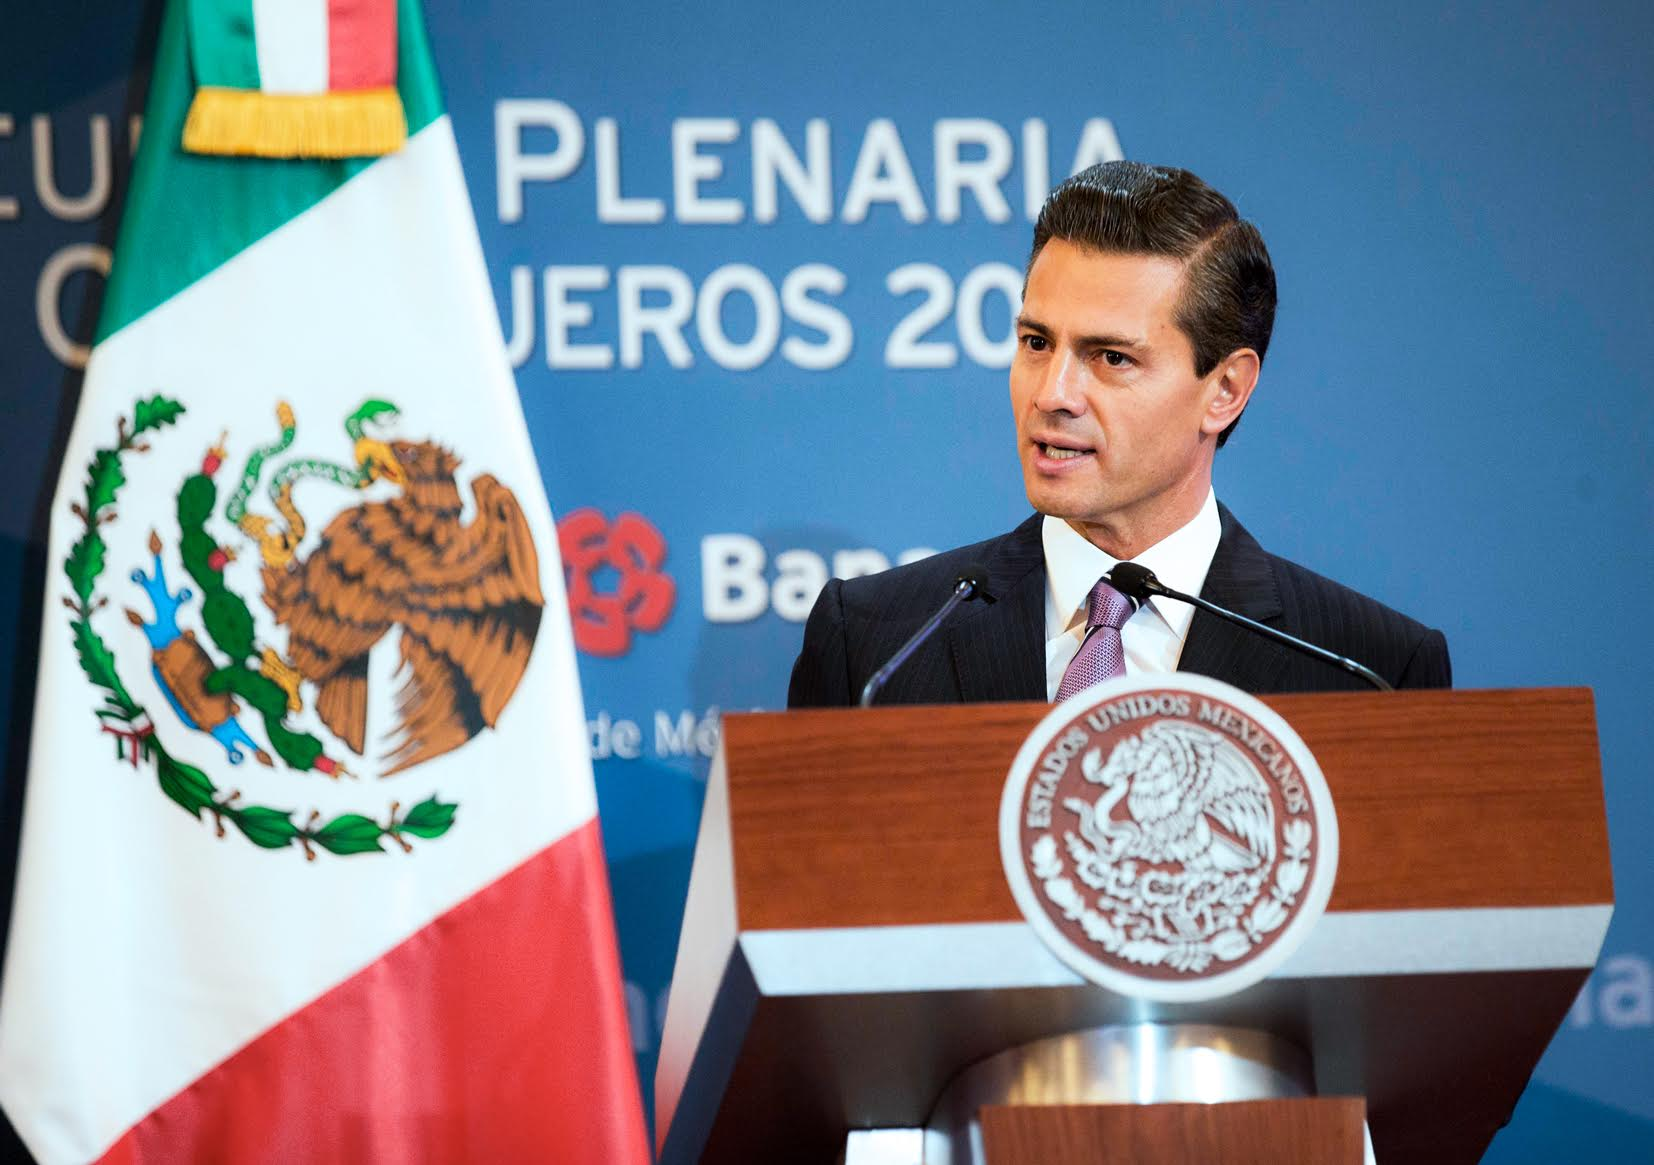 """""""La estabilidad que hoy gozamos es fruto del esfuerzo de varias generaciones de mexicanos, y este Gobierno habrá de preservarla y consolidarla"""", afirmó el Primer Mandatario."""